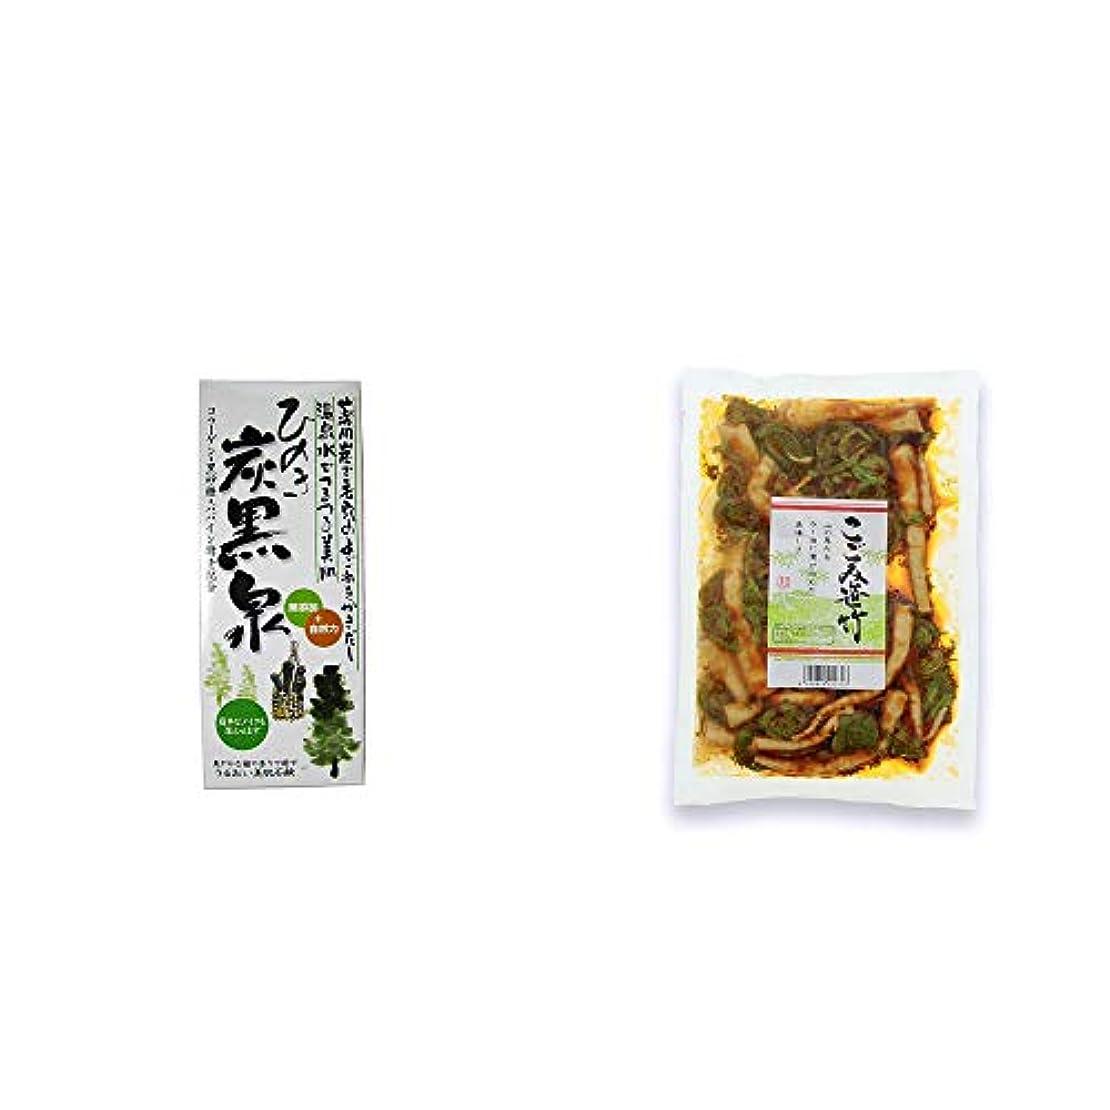 言い訳食物スピリチュアル[2点セット] ひのき炭黒泉 箱入り(75g×3)?こごみ笹竹(250g)